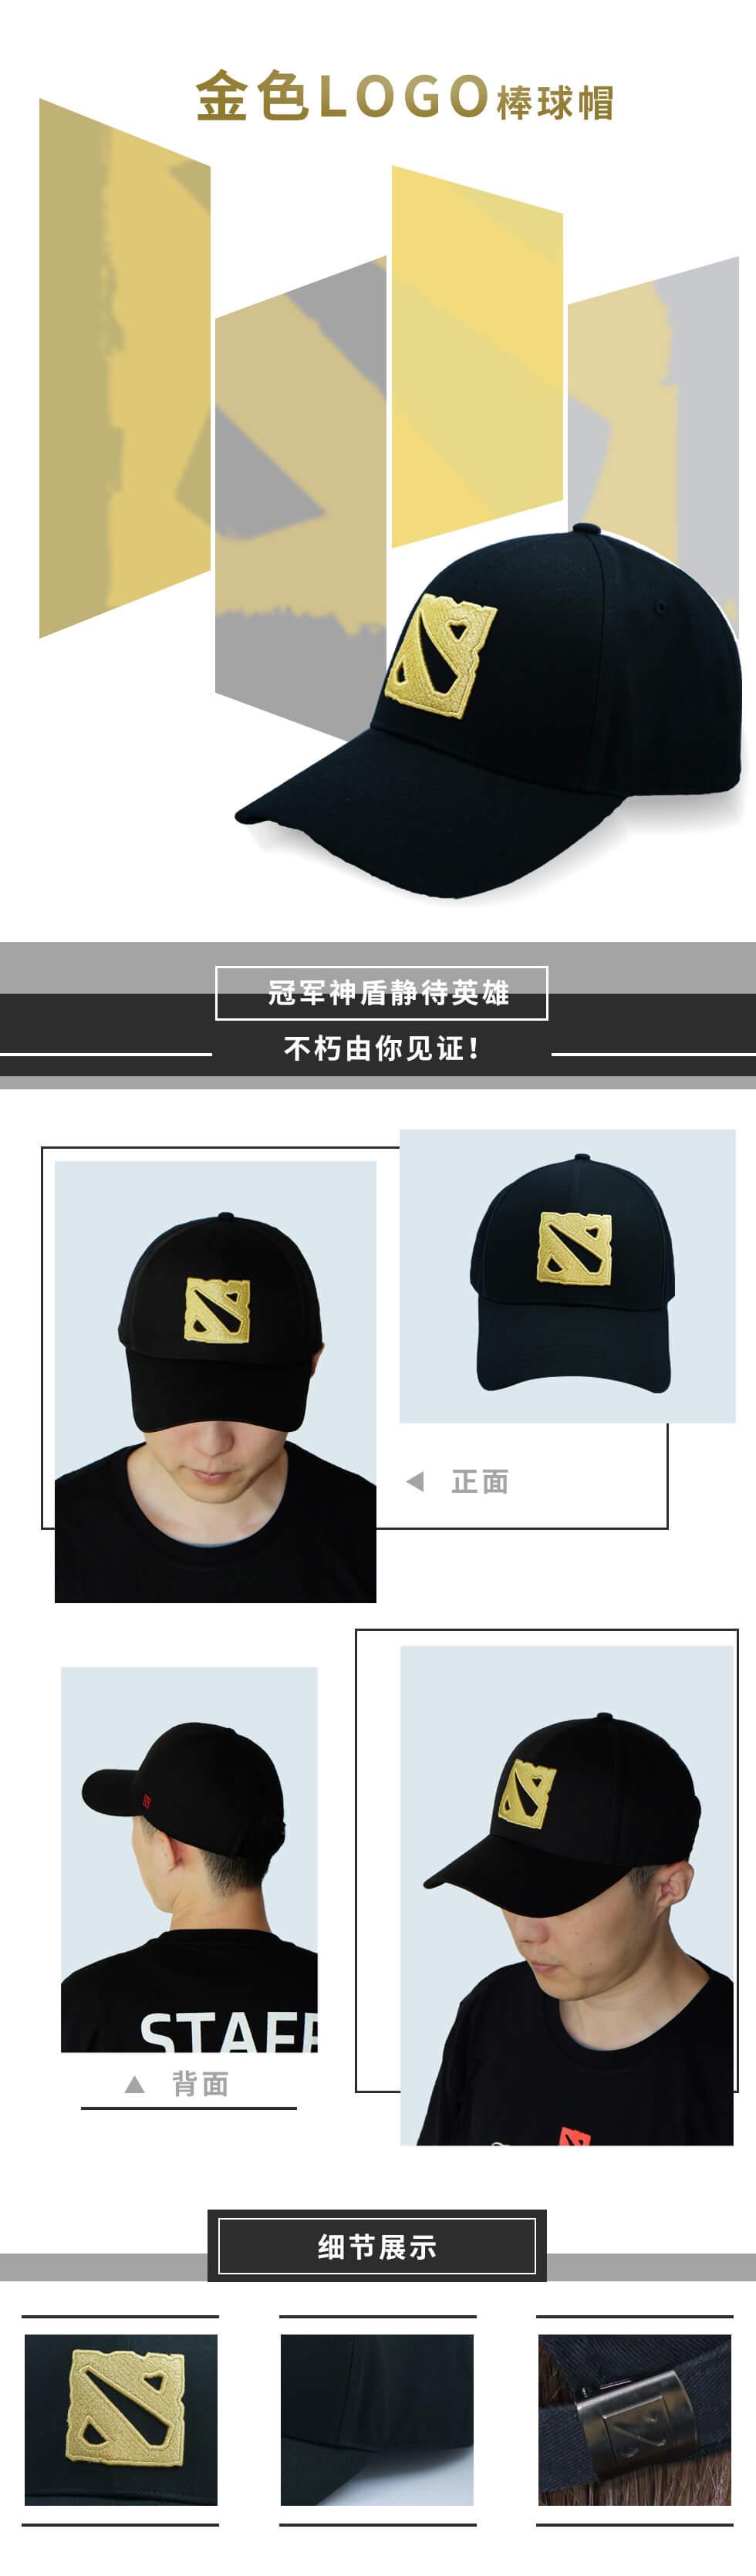 金色logo棒球帽.jpg